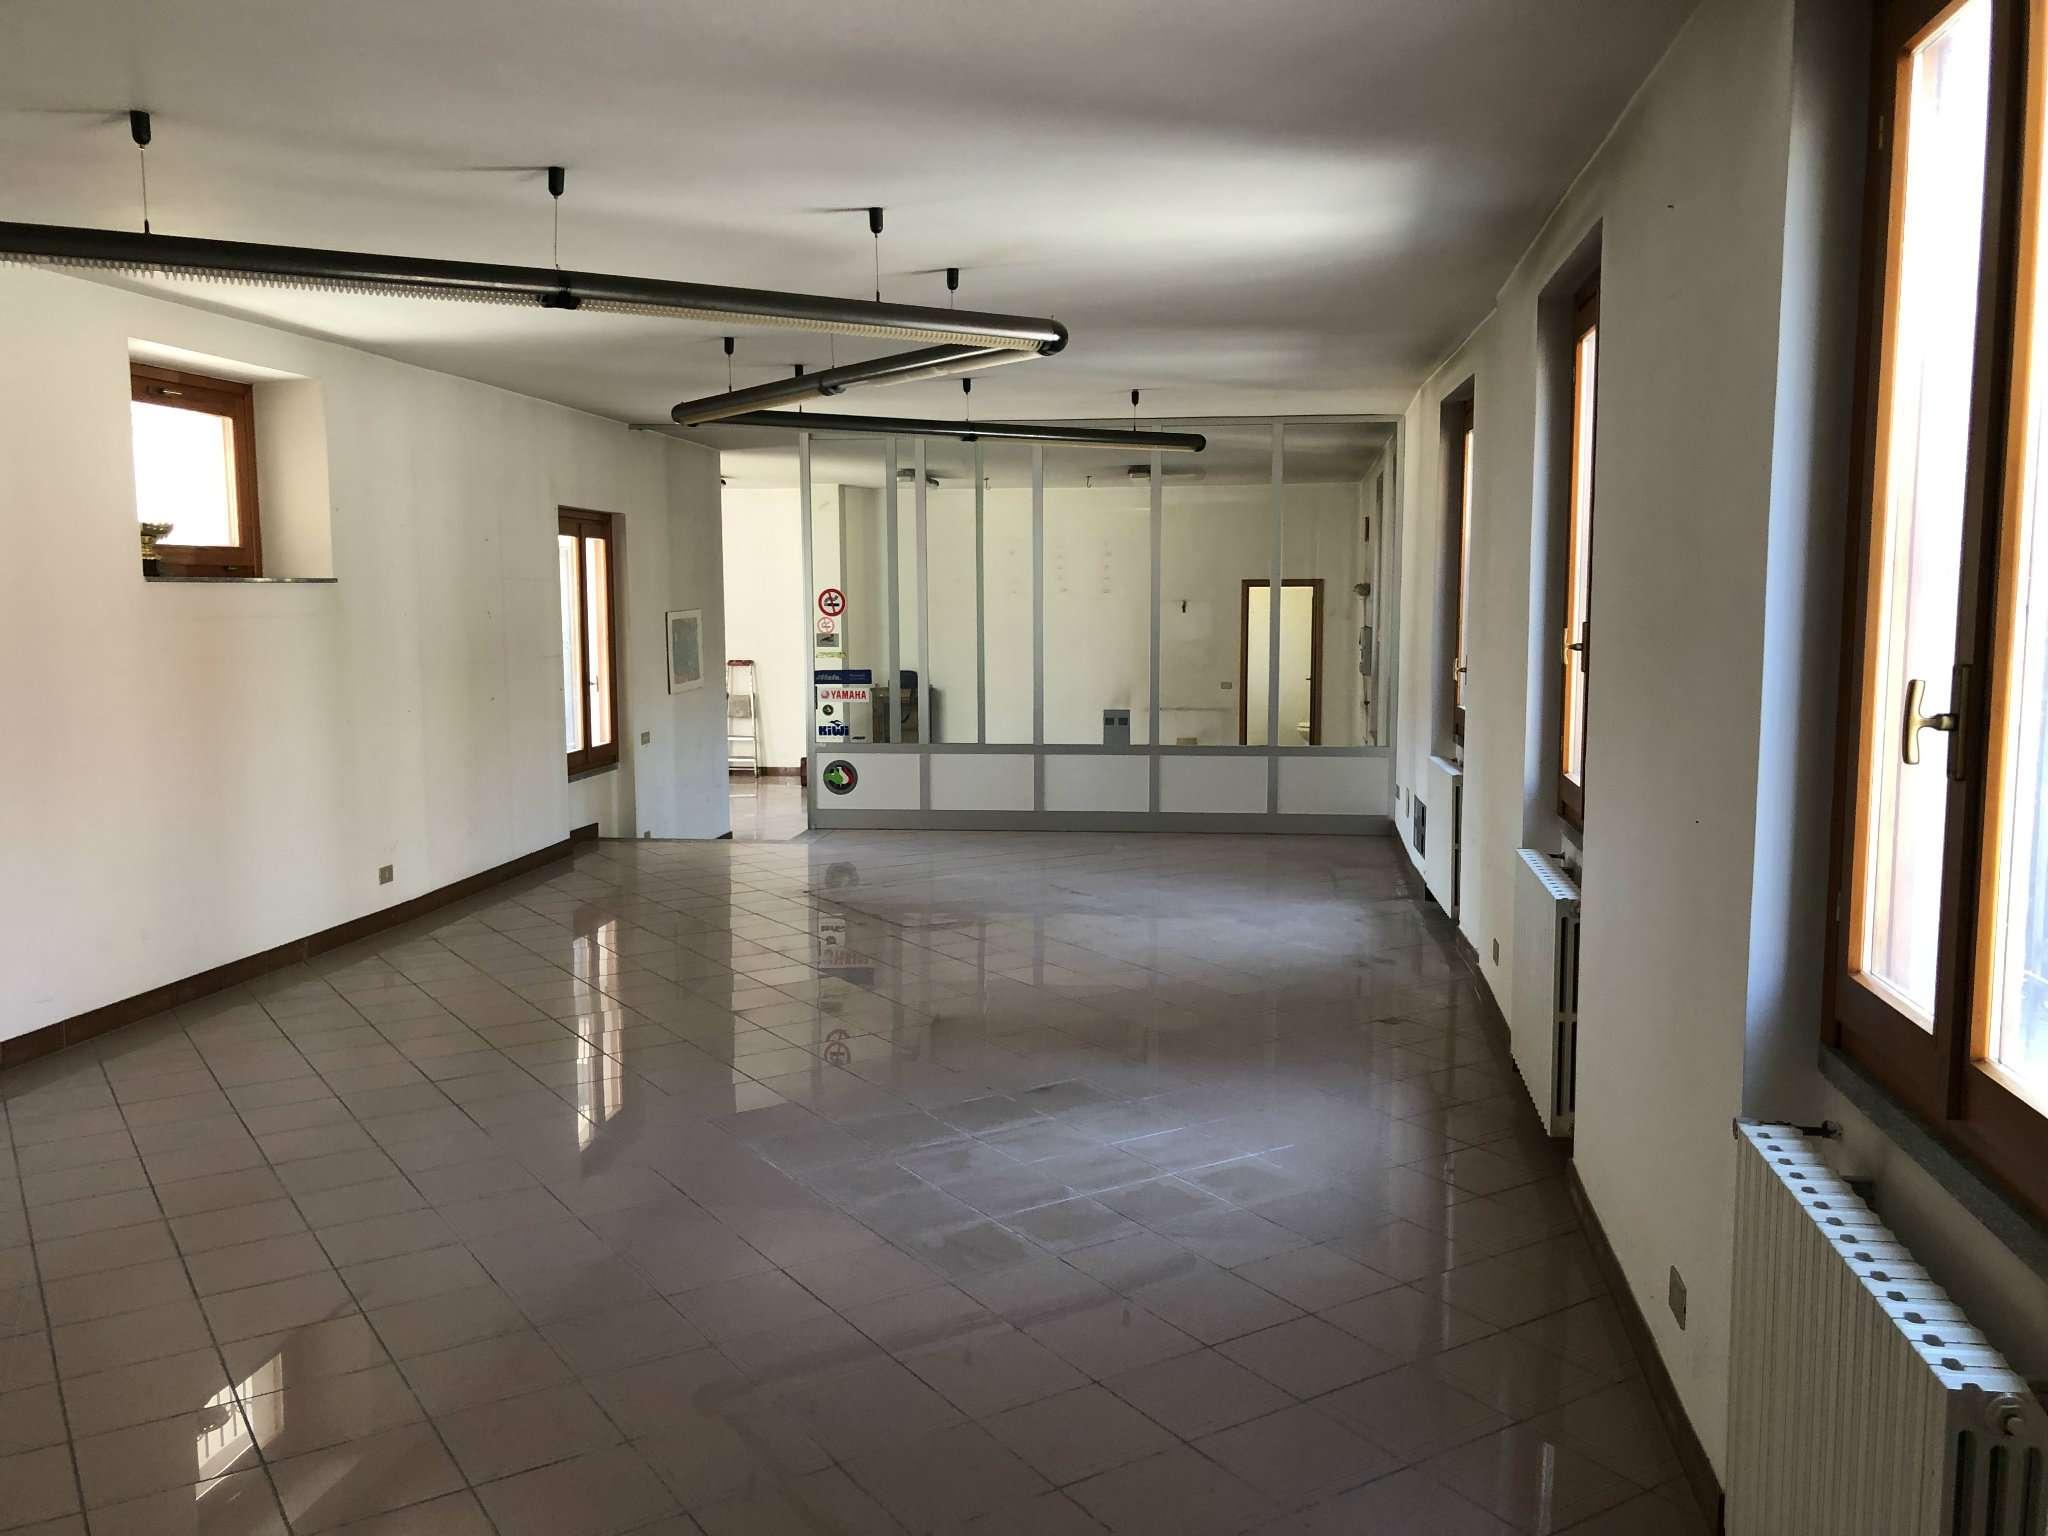 Negozio / Locale in vendita a Cadrezzate, 1 locali, prezzo € 93.000 | CambioCasa.it